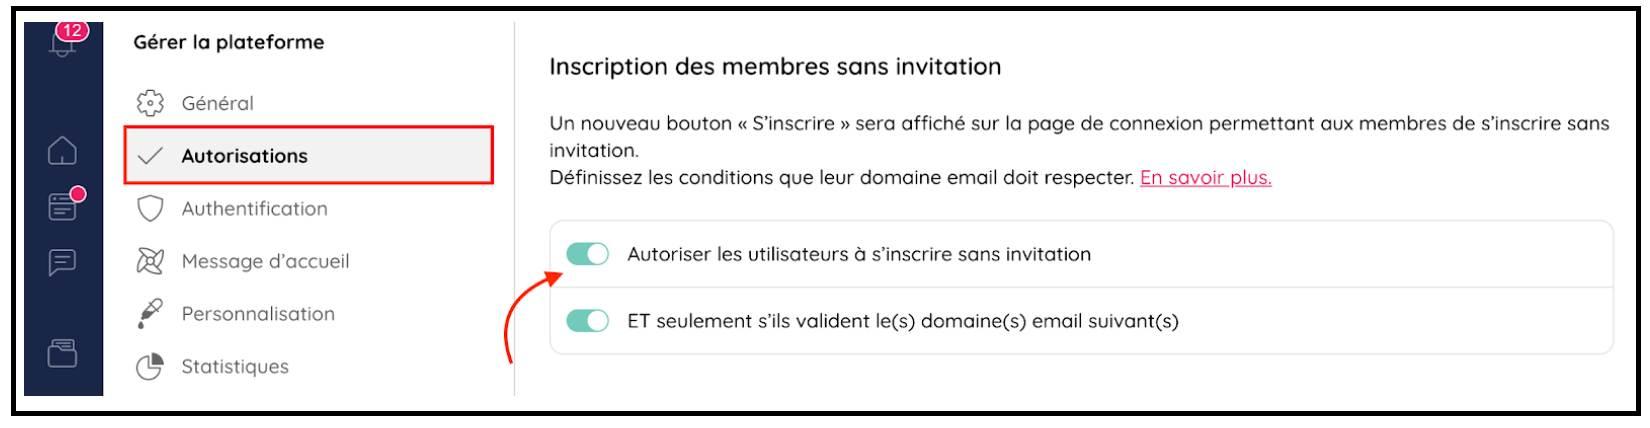 Autoriser les utilisateurs à s'inscrire sans invitation